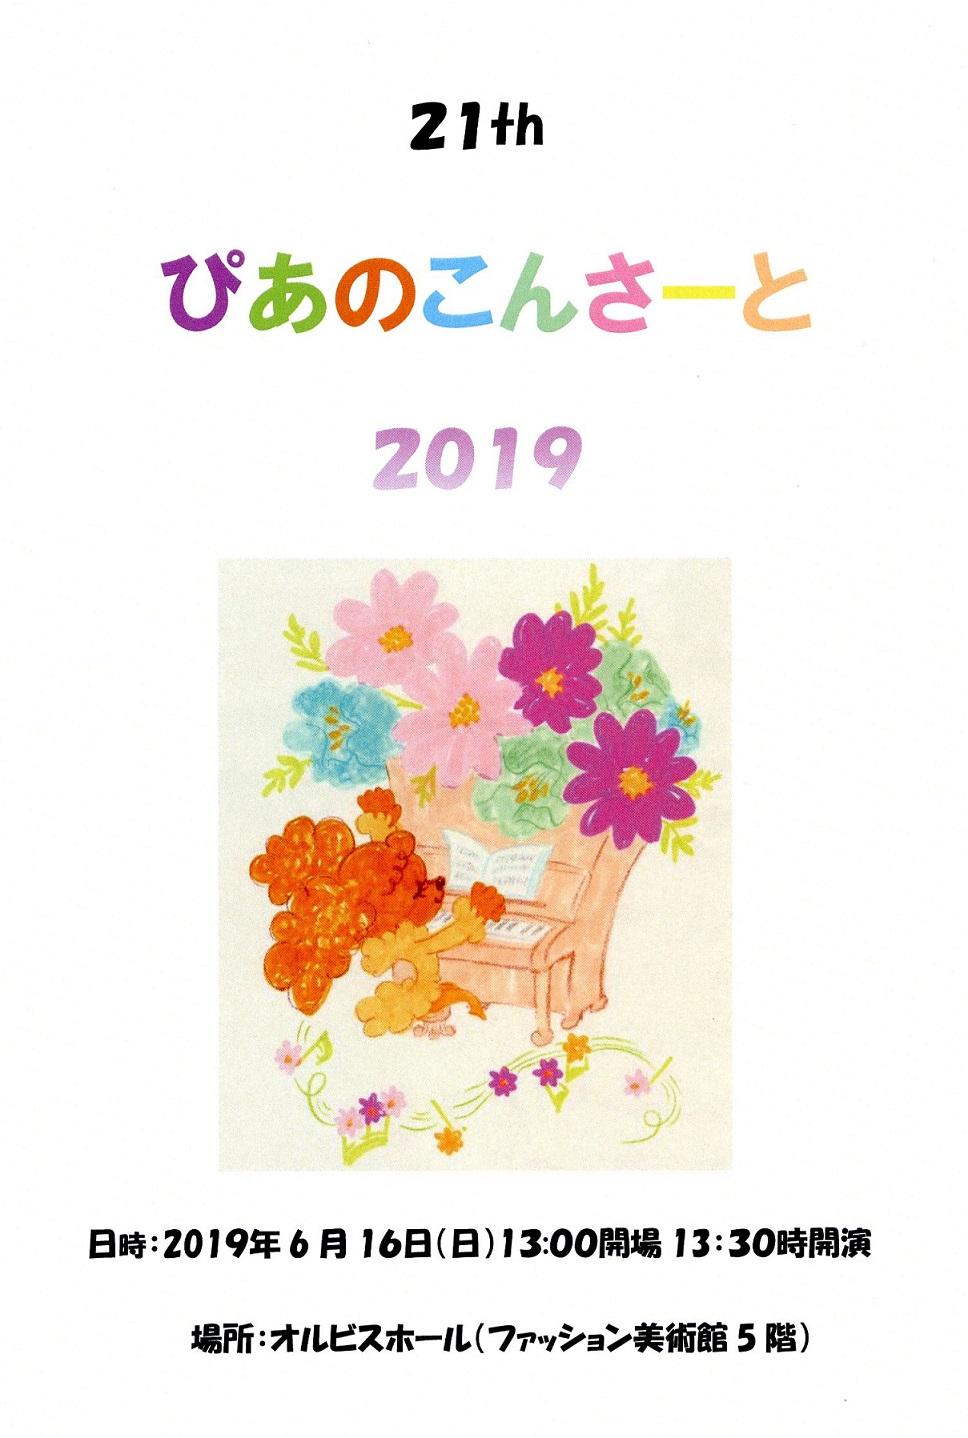 [オルビスホール情報]6/16(日)13:30 ~ 第21回発表会「ぴあのこんさーと」開催!